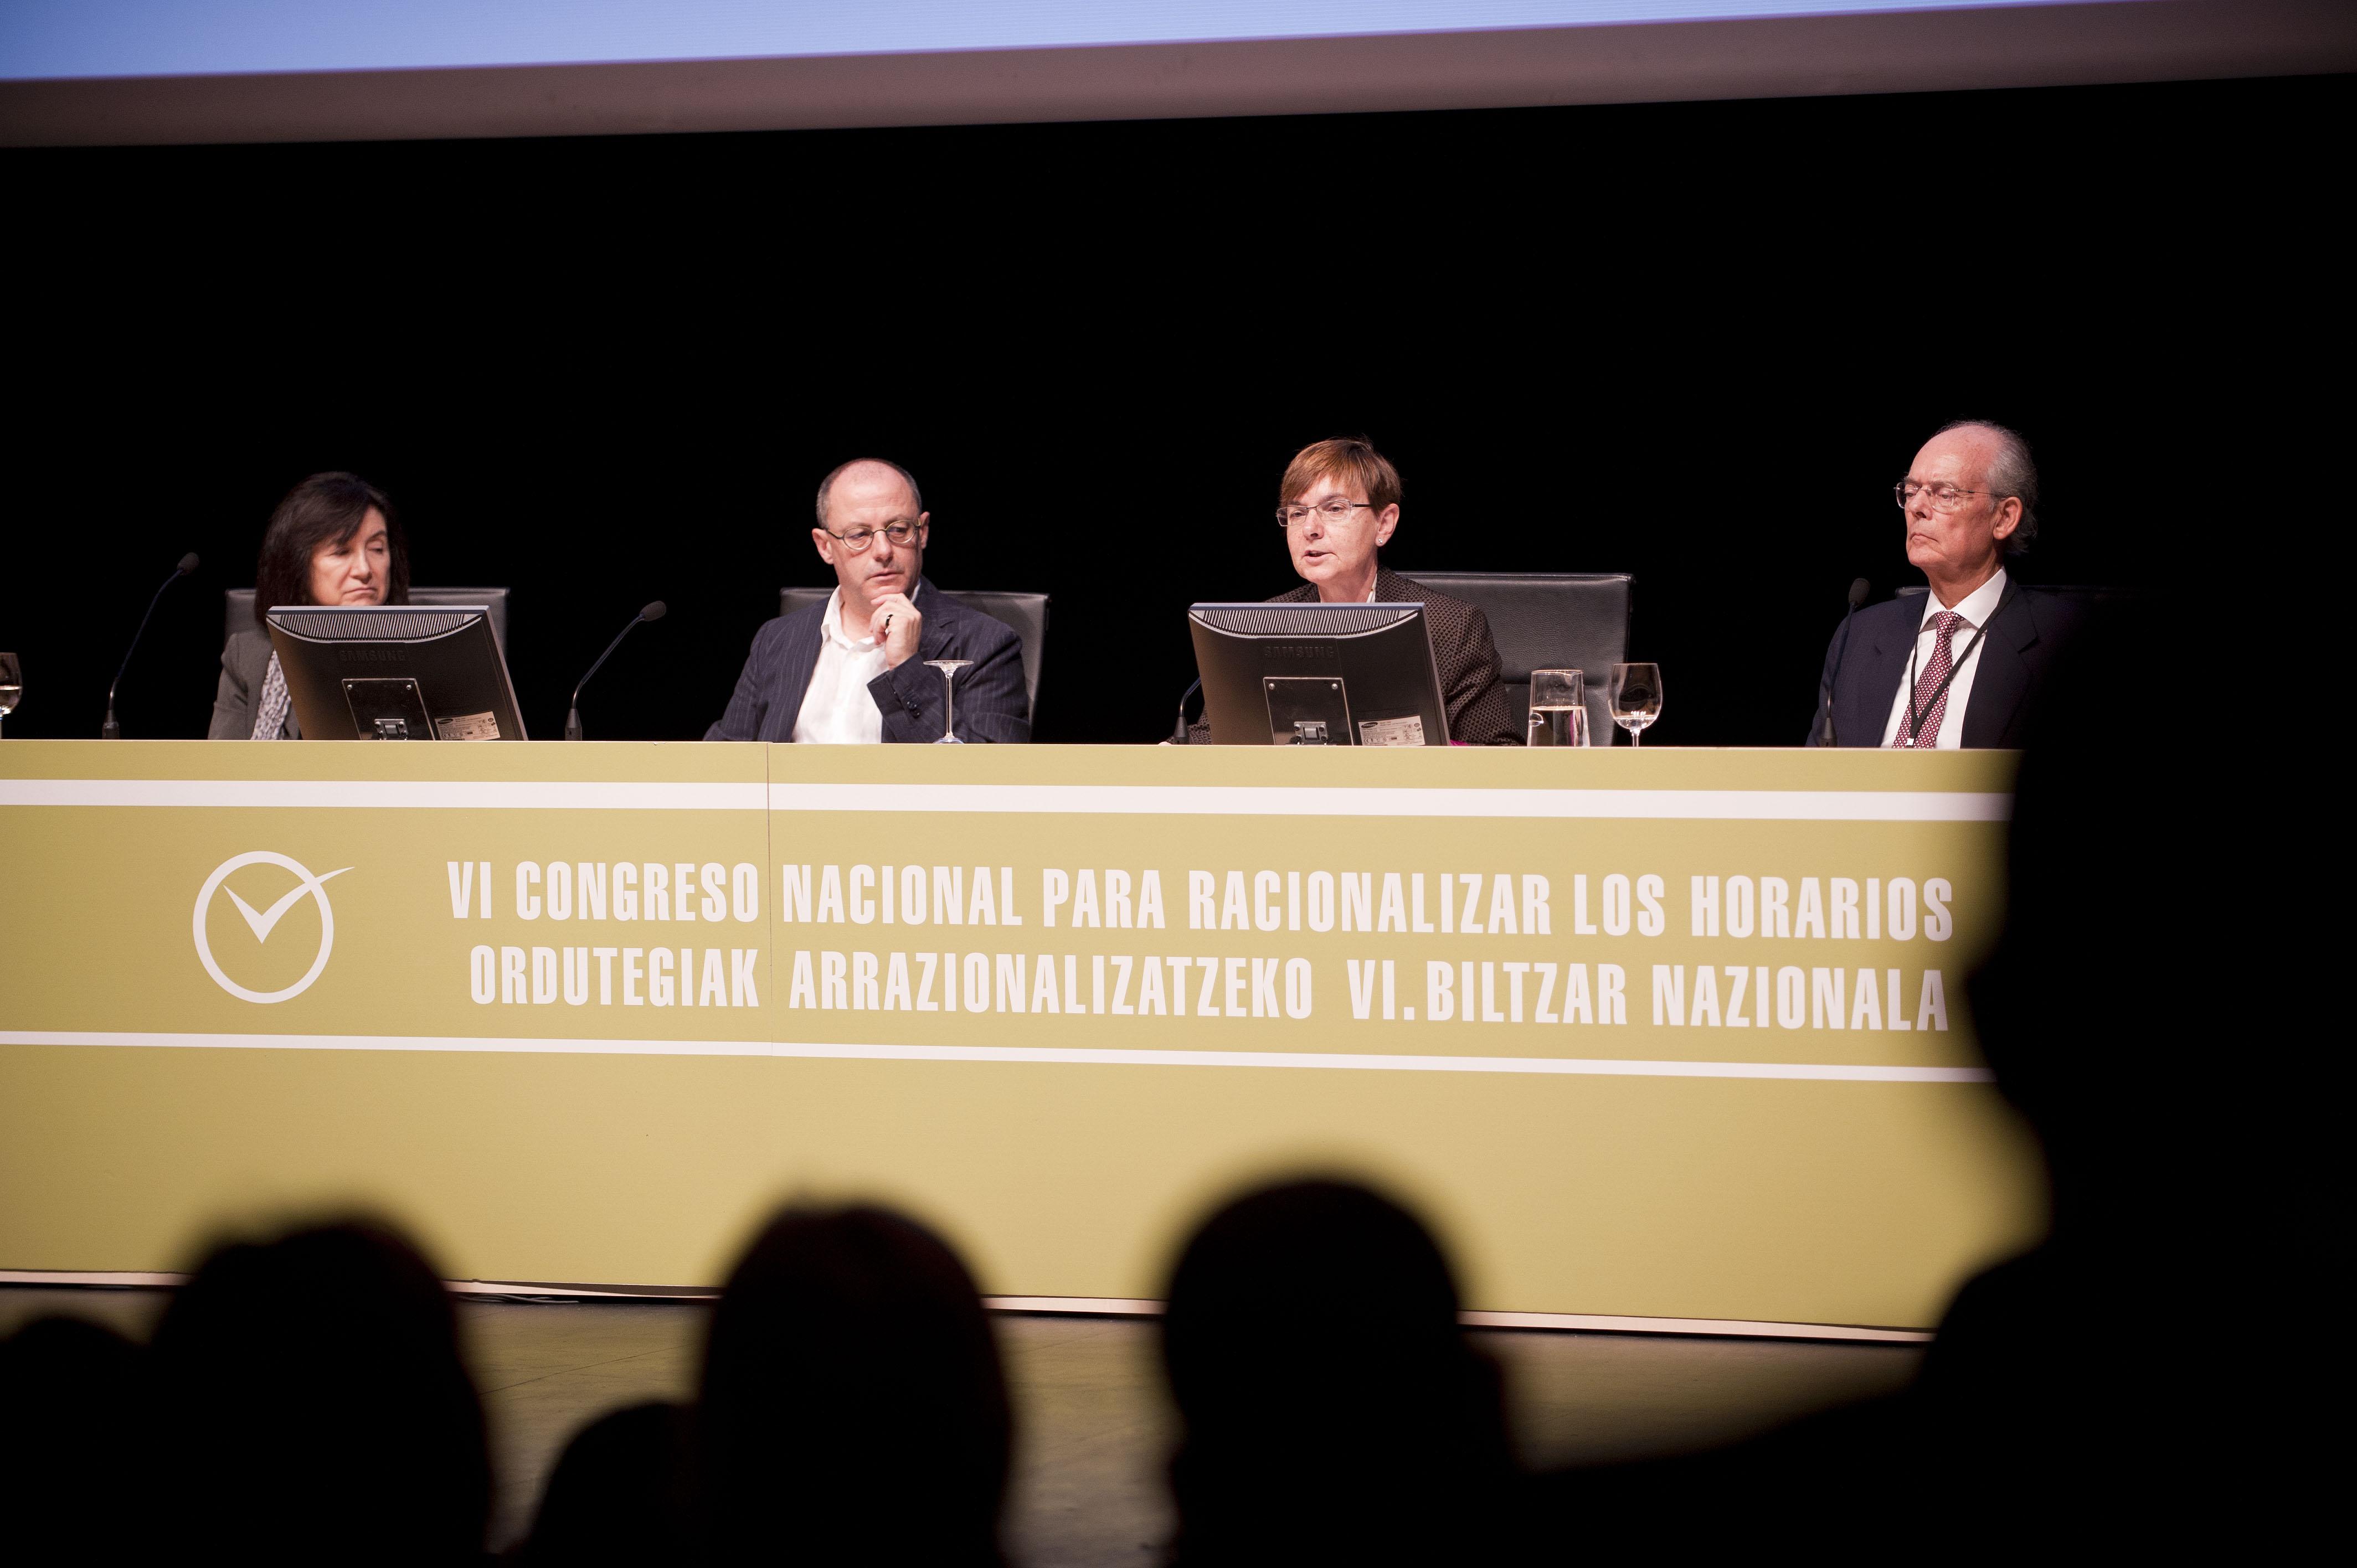 2011_11_15_zabaleta_congreso_racionalizar_horarios14.jpg